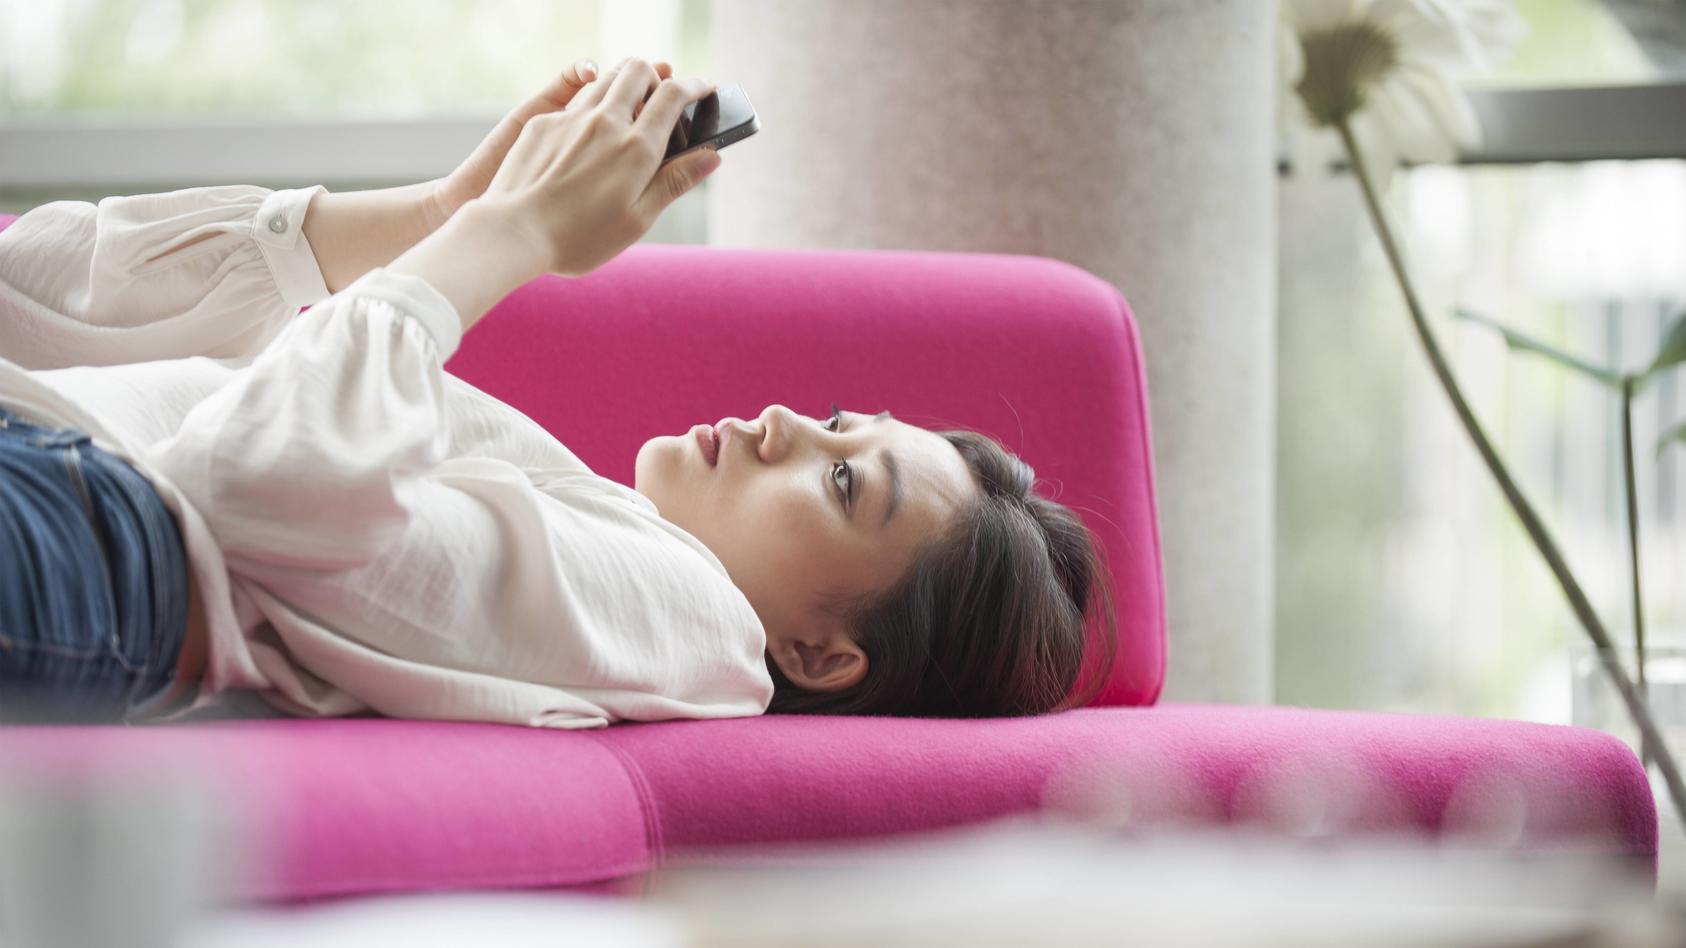 Eigentlich will man seine Freizeit anders verbringen, bleibt dann aber doch am Smartphone hängen.